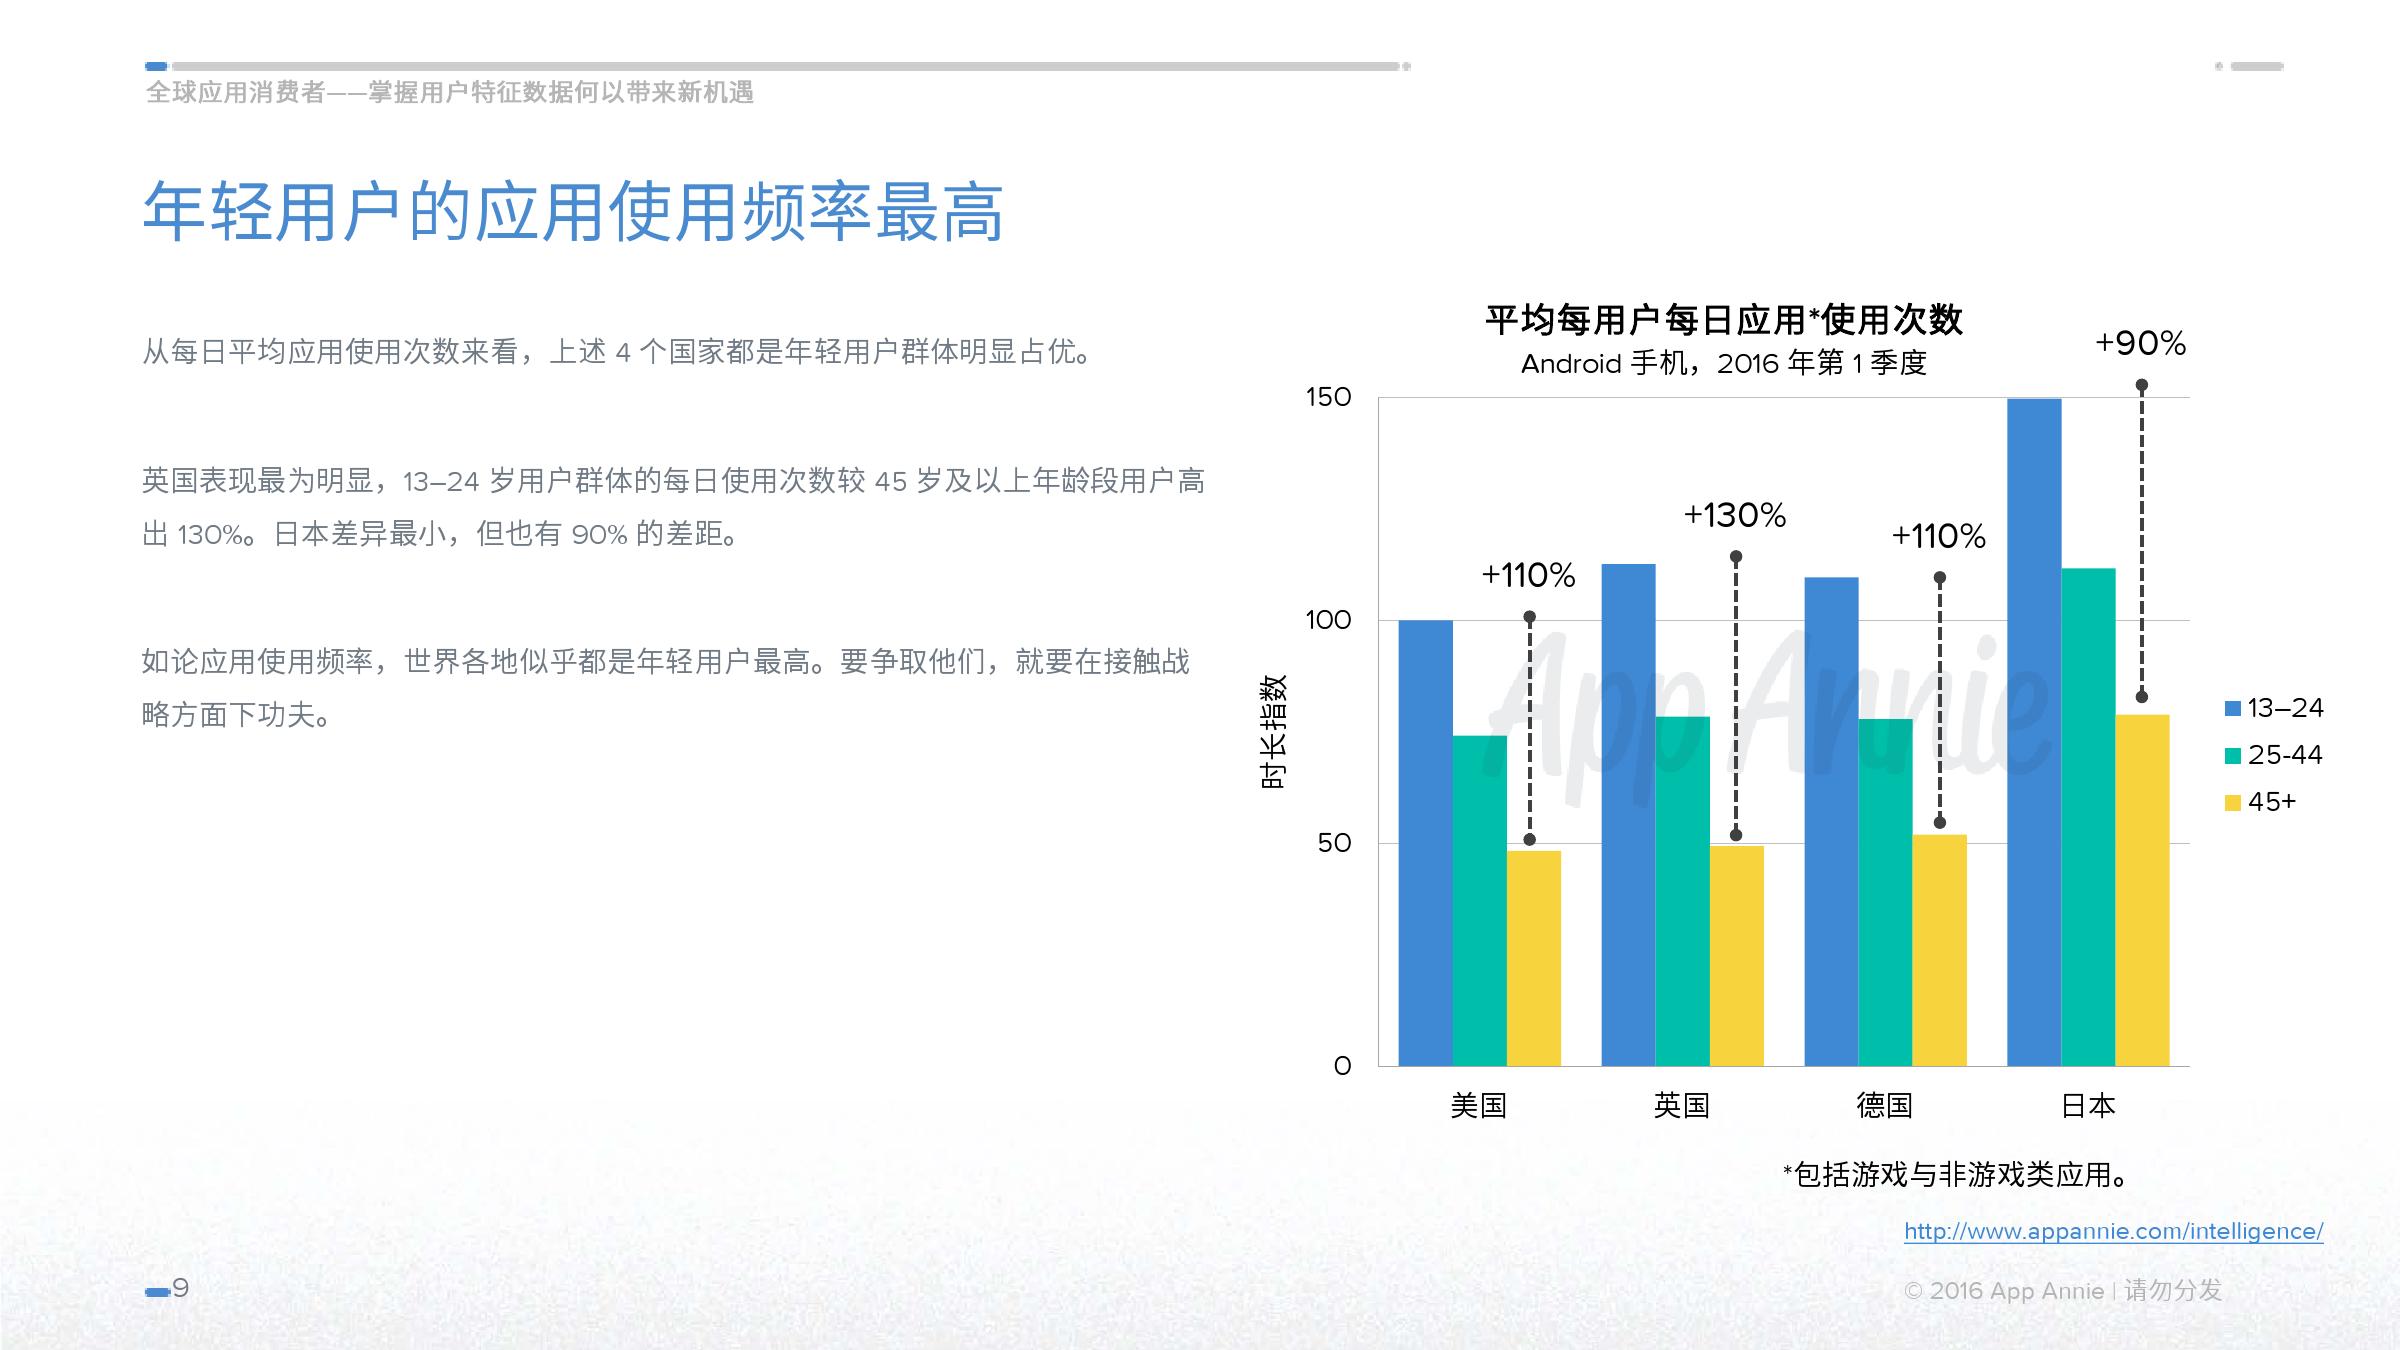 The-Global-App-Consumer-Understanding-Demographics-June-2016_CN_000009